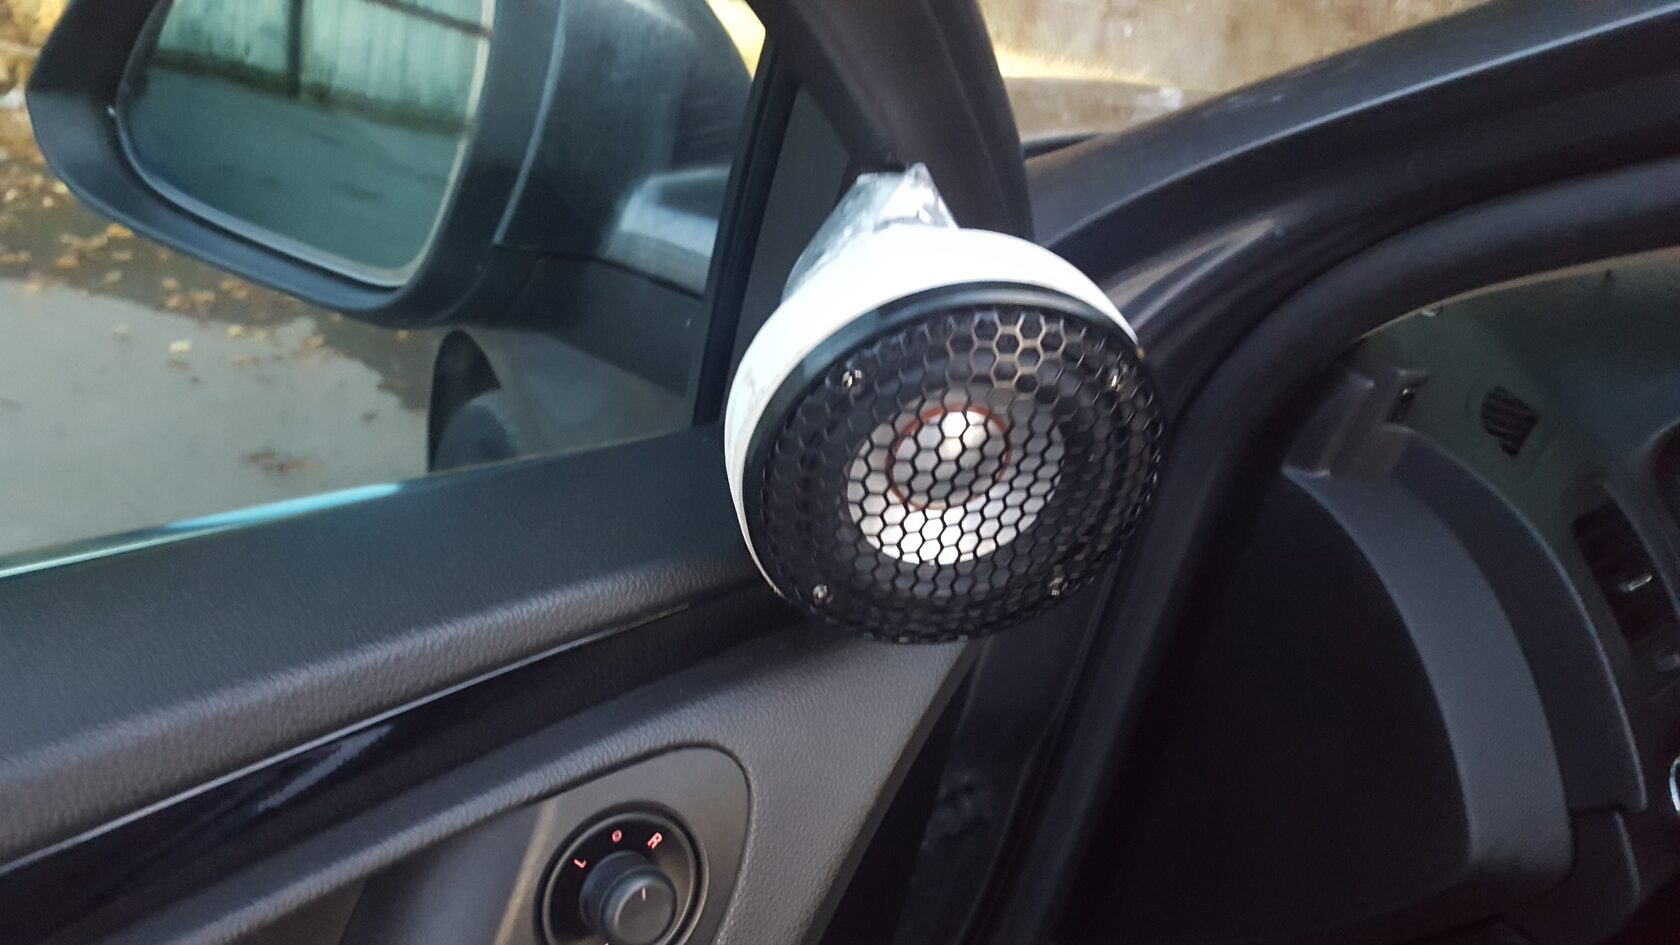 audiosystem ae30 в уголках зеркал